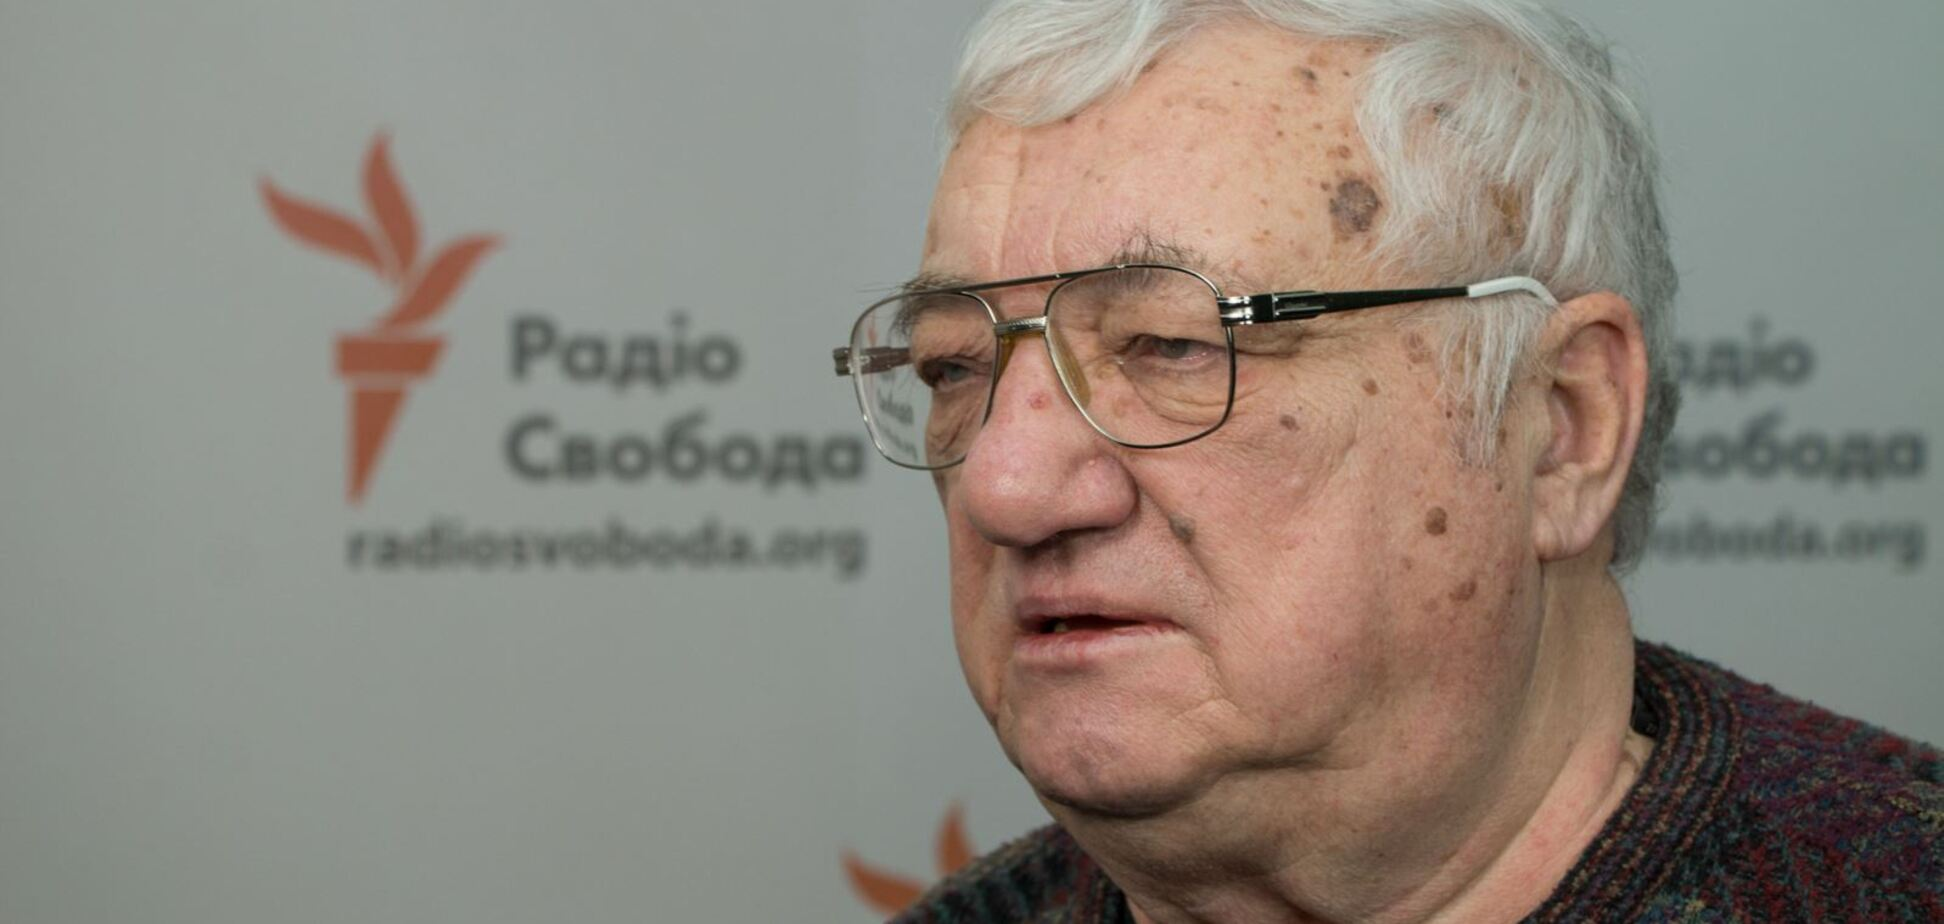 Від COVID-19 померла дружина Юрія Щербака